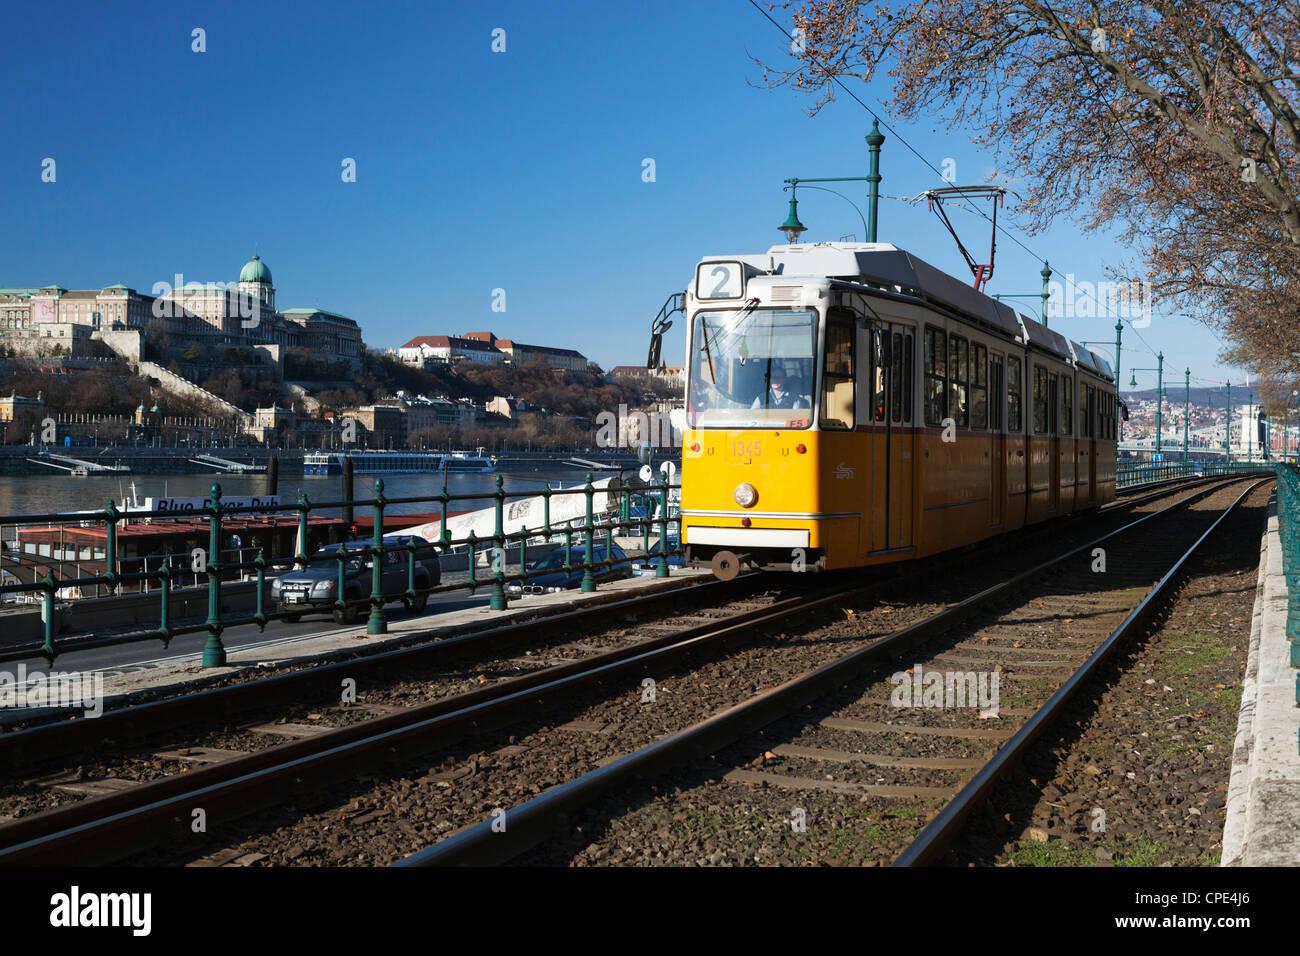 Straßenbahn entlang der Donau, Pest, Budapest, Ungarn, Europa Stockbild